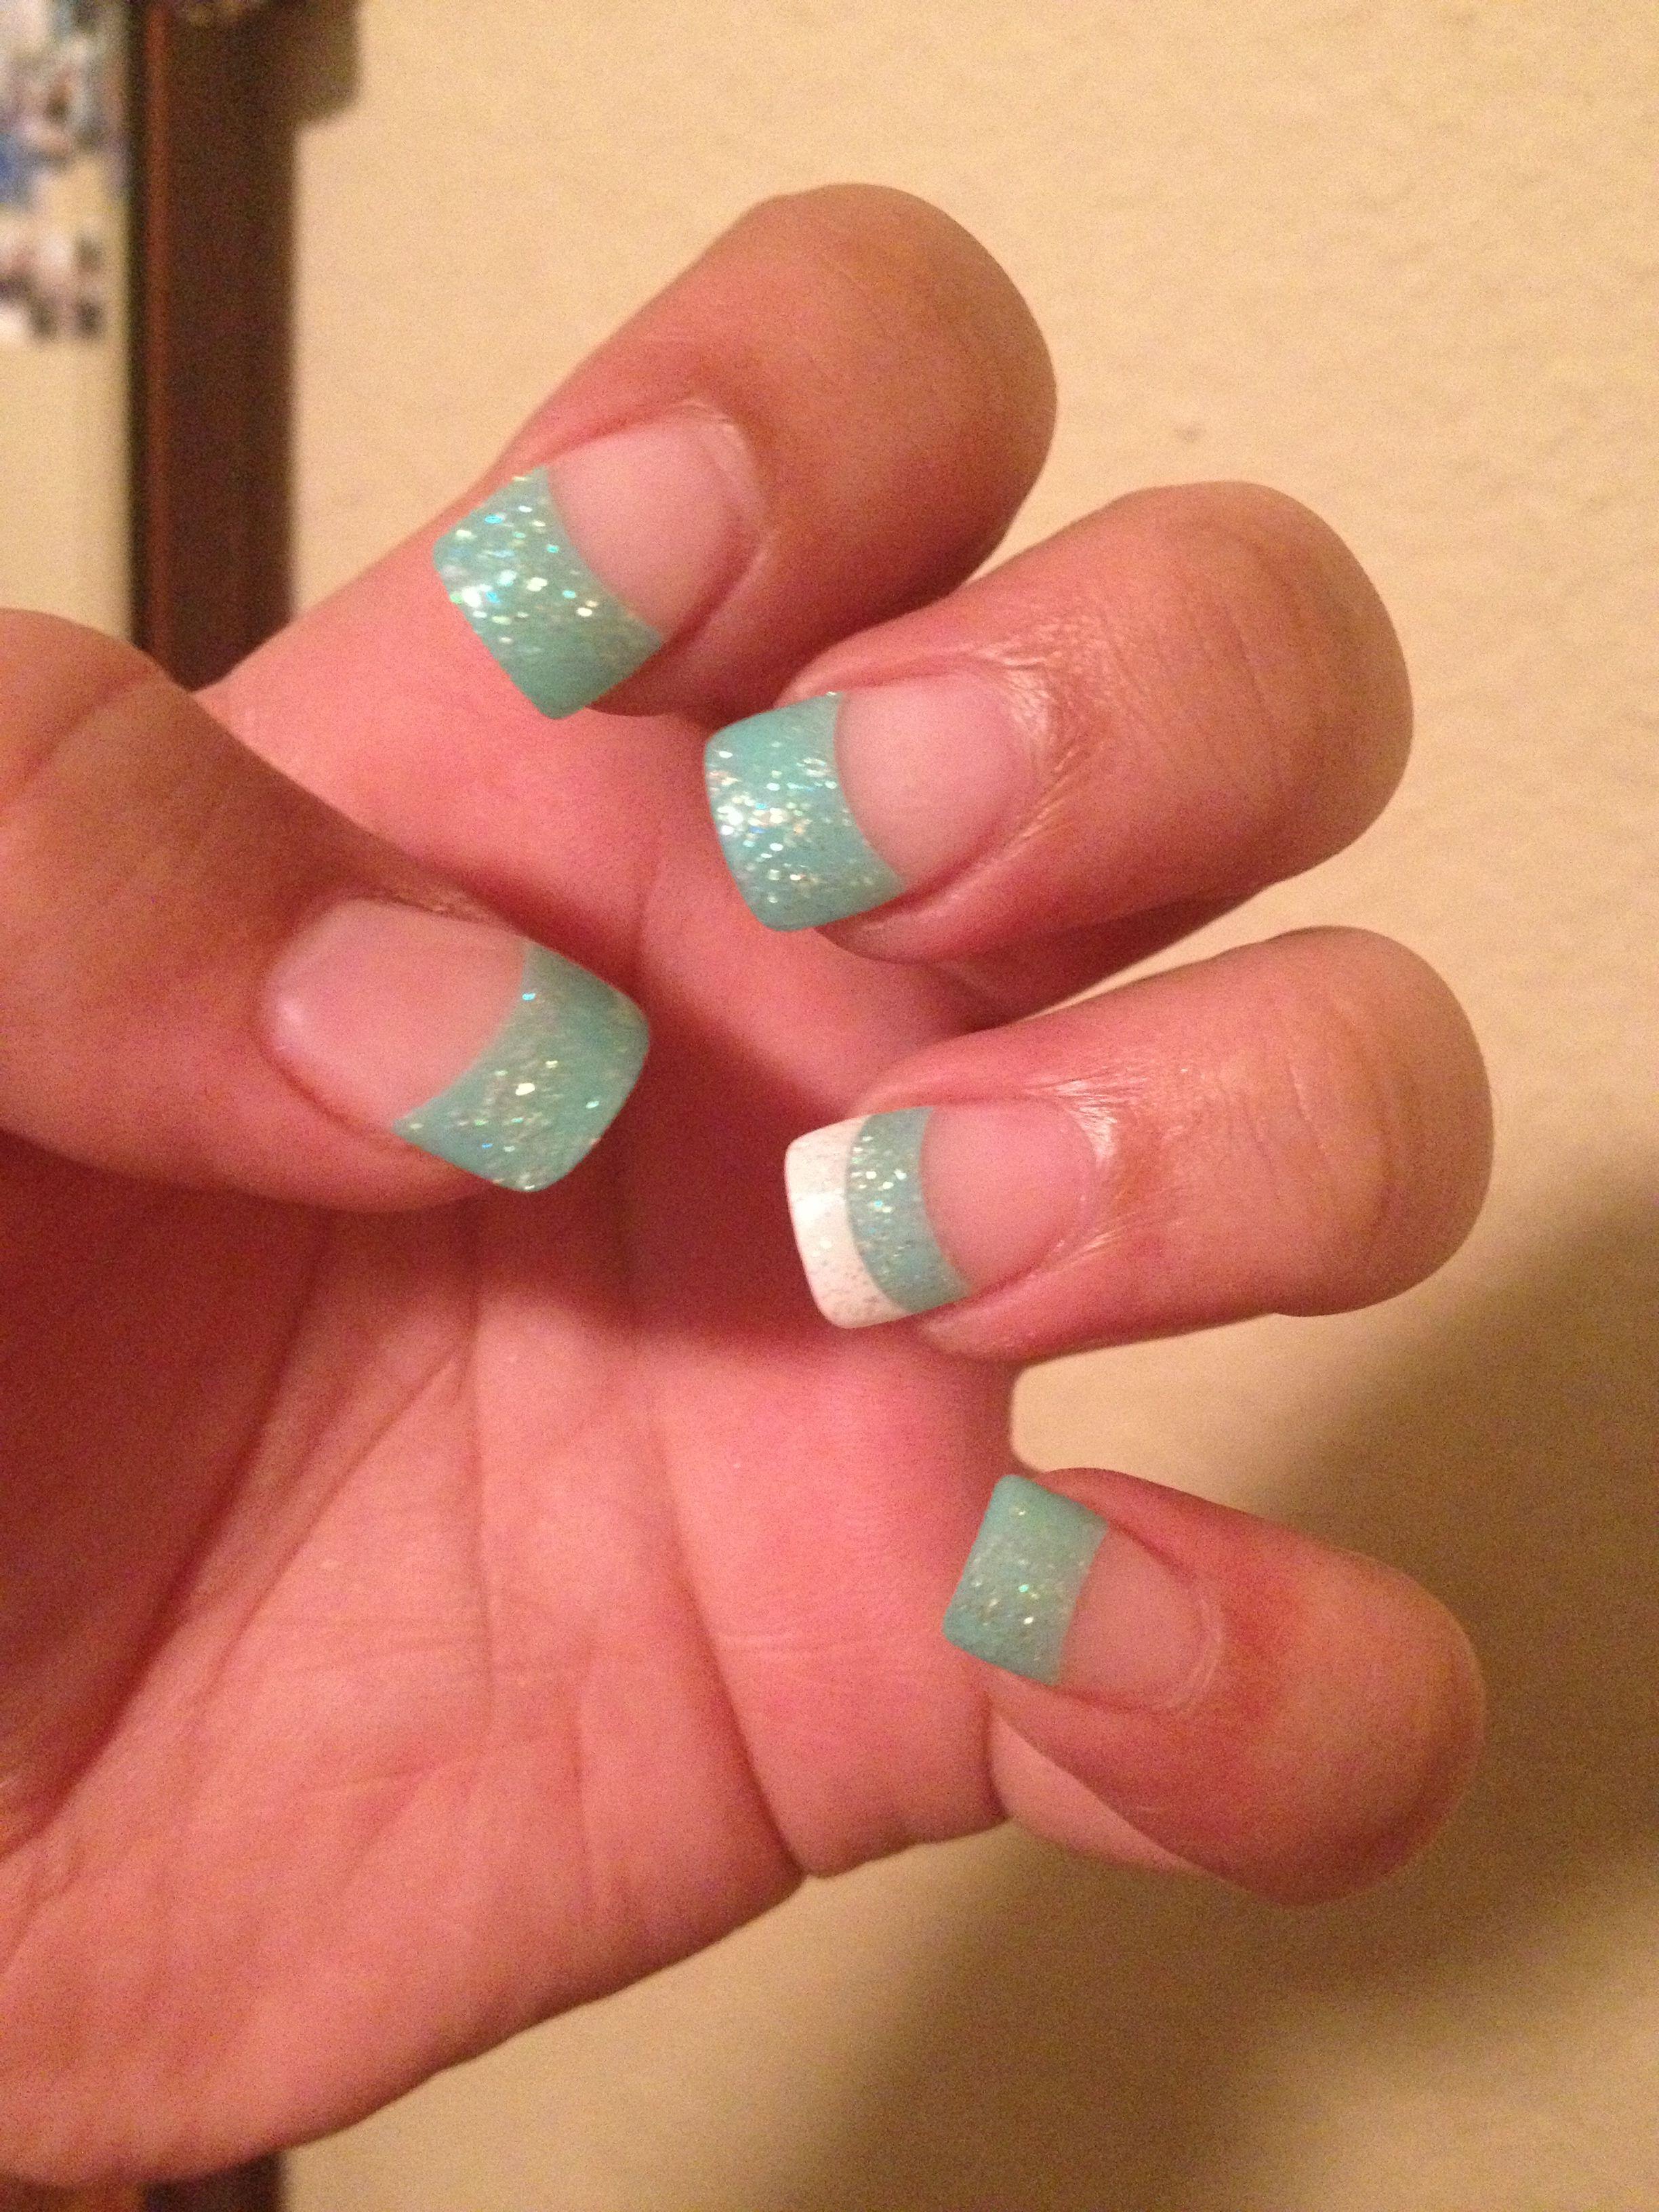 15 teal nail designs